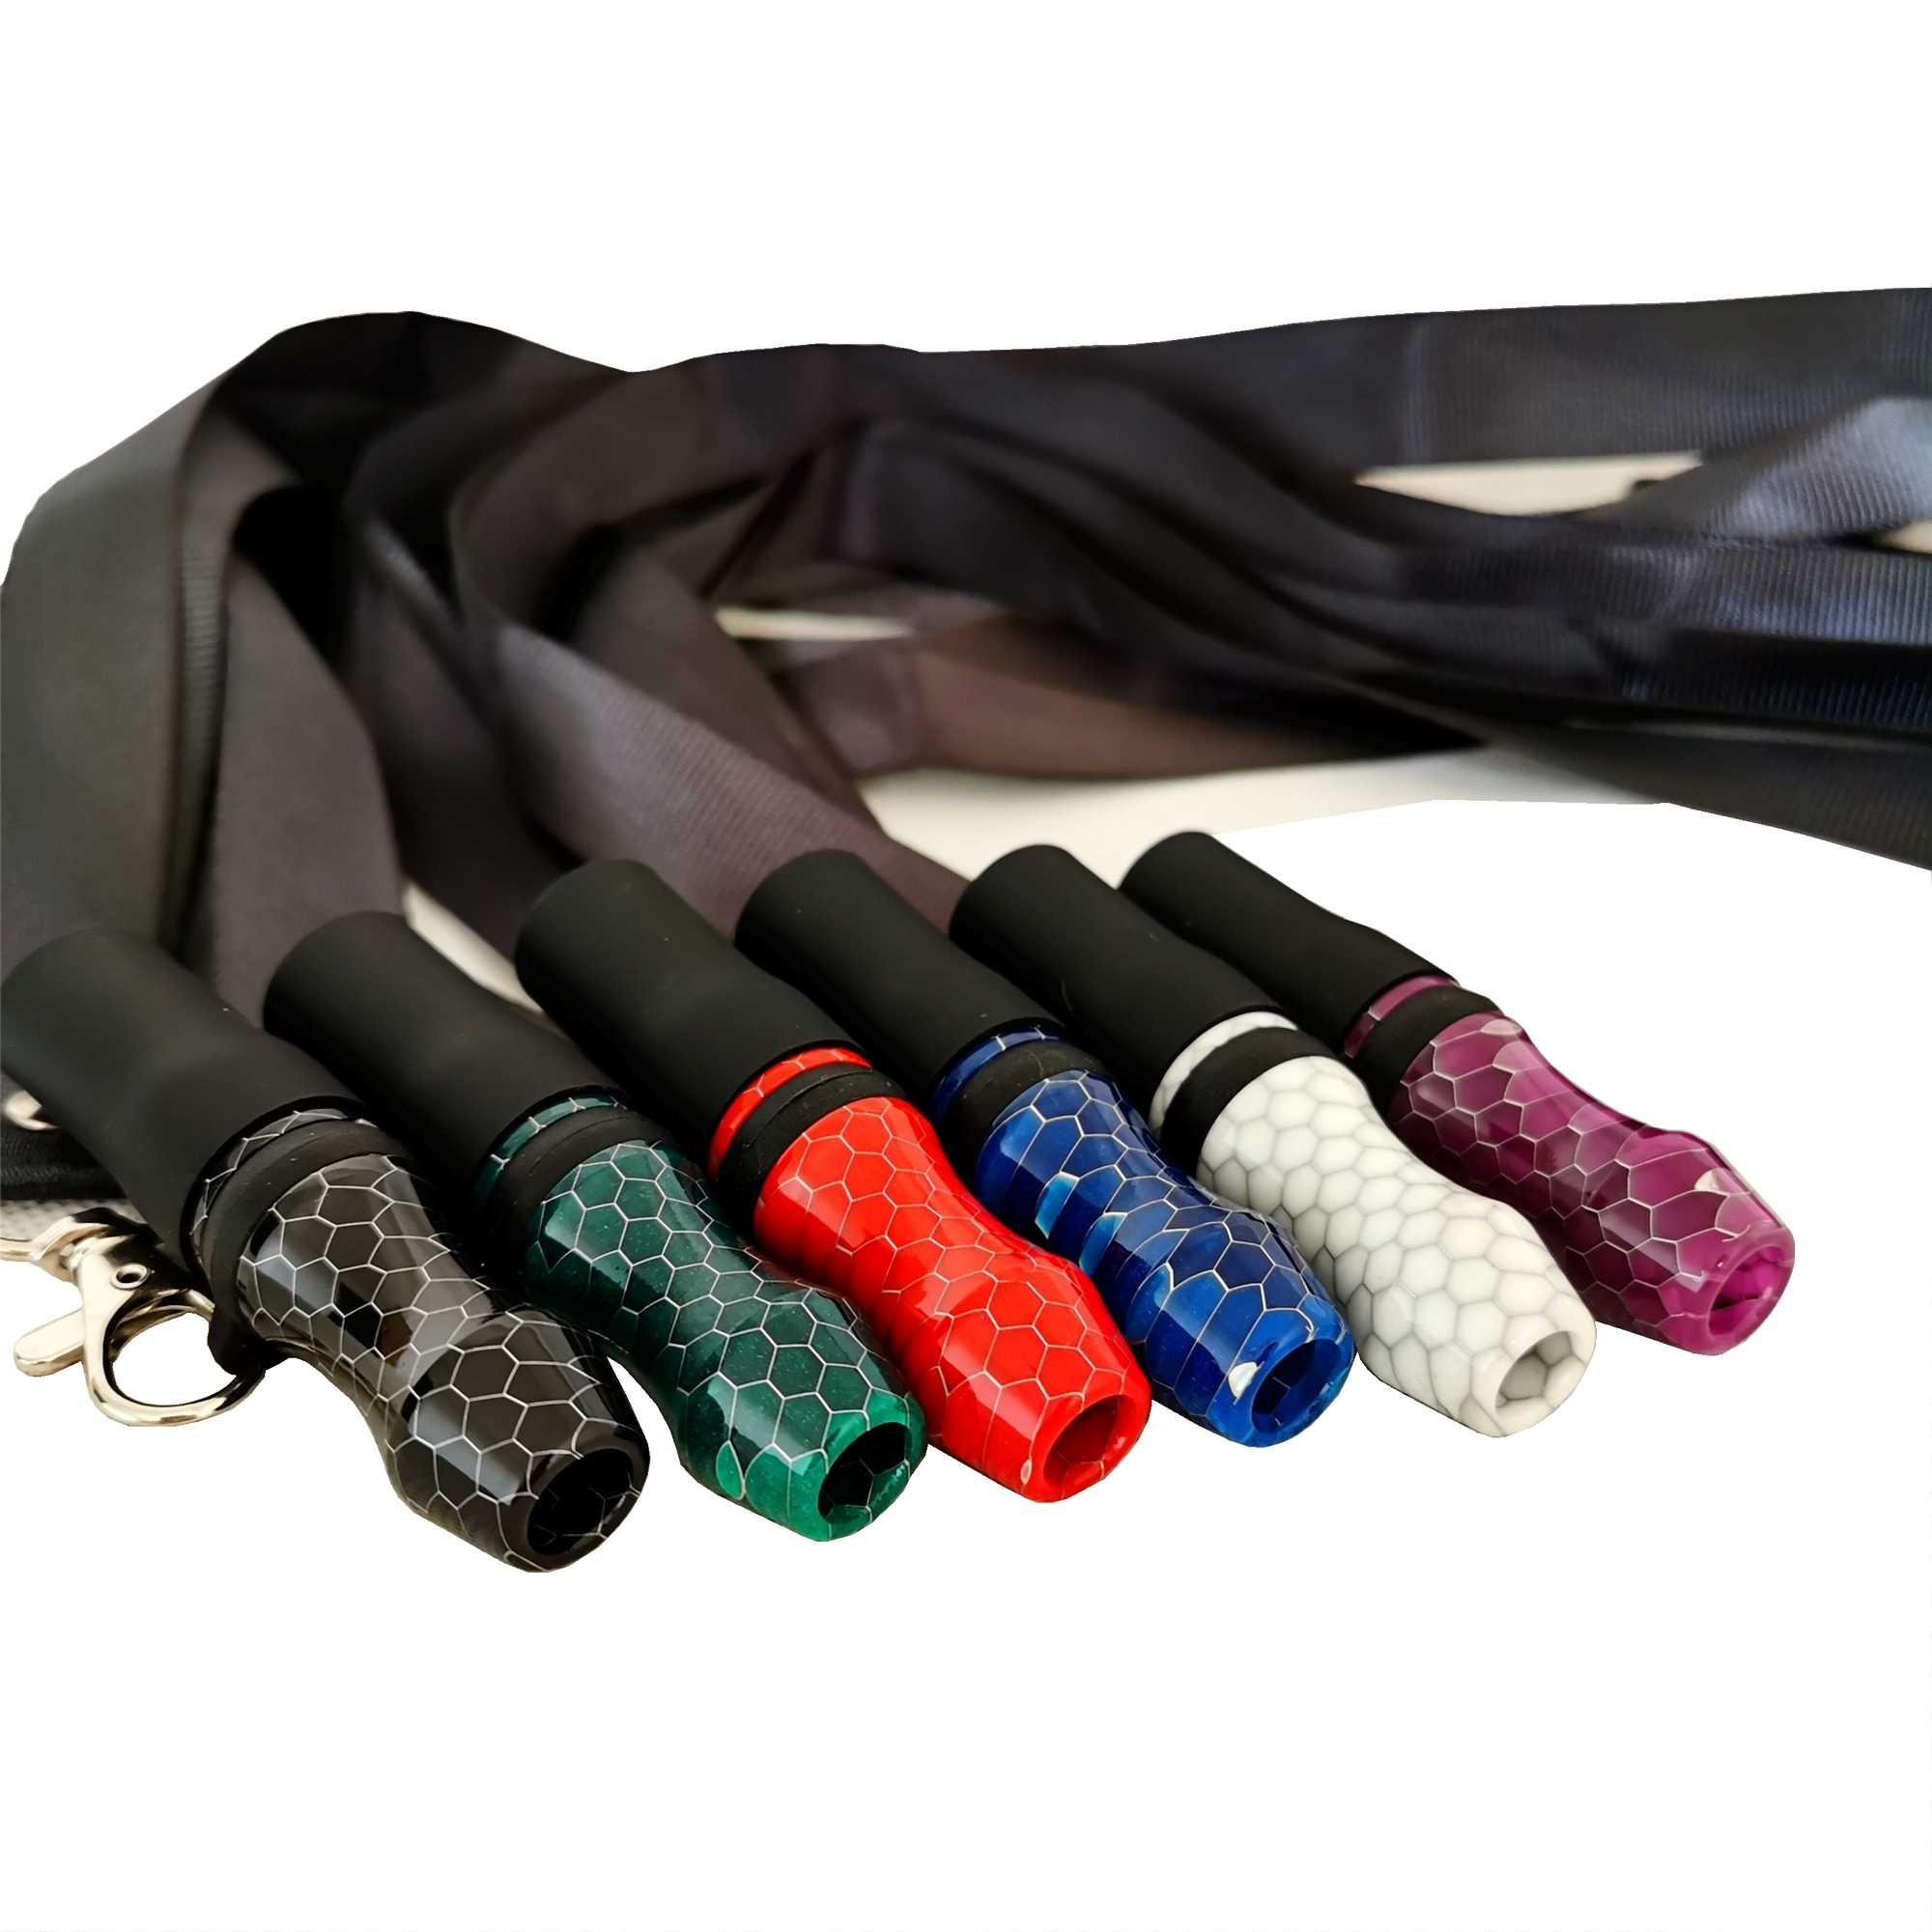 Narguilé de resina reutilizável, padrão de colmeia, peças bocal, shisha, silicone e ponta da boca, envio direto